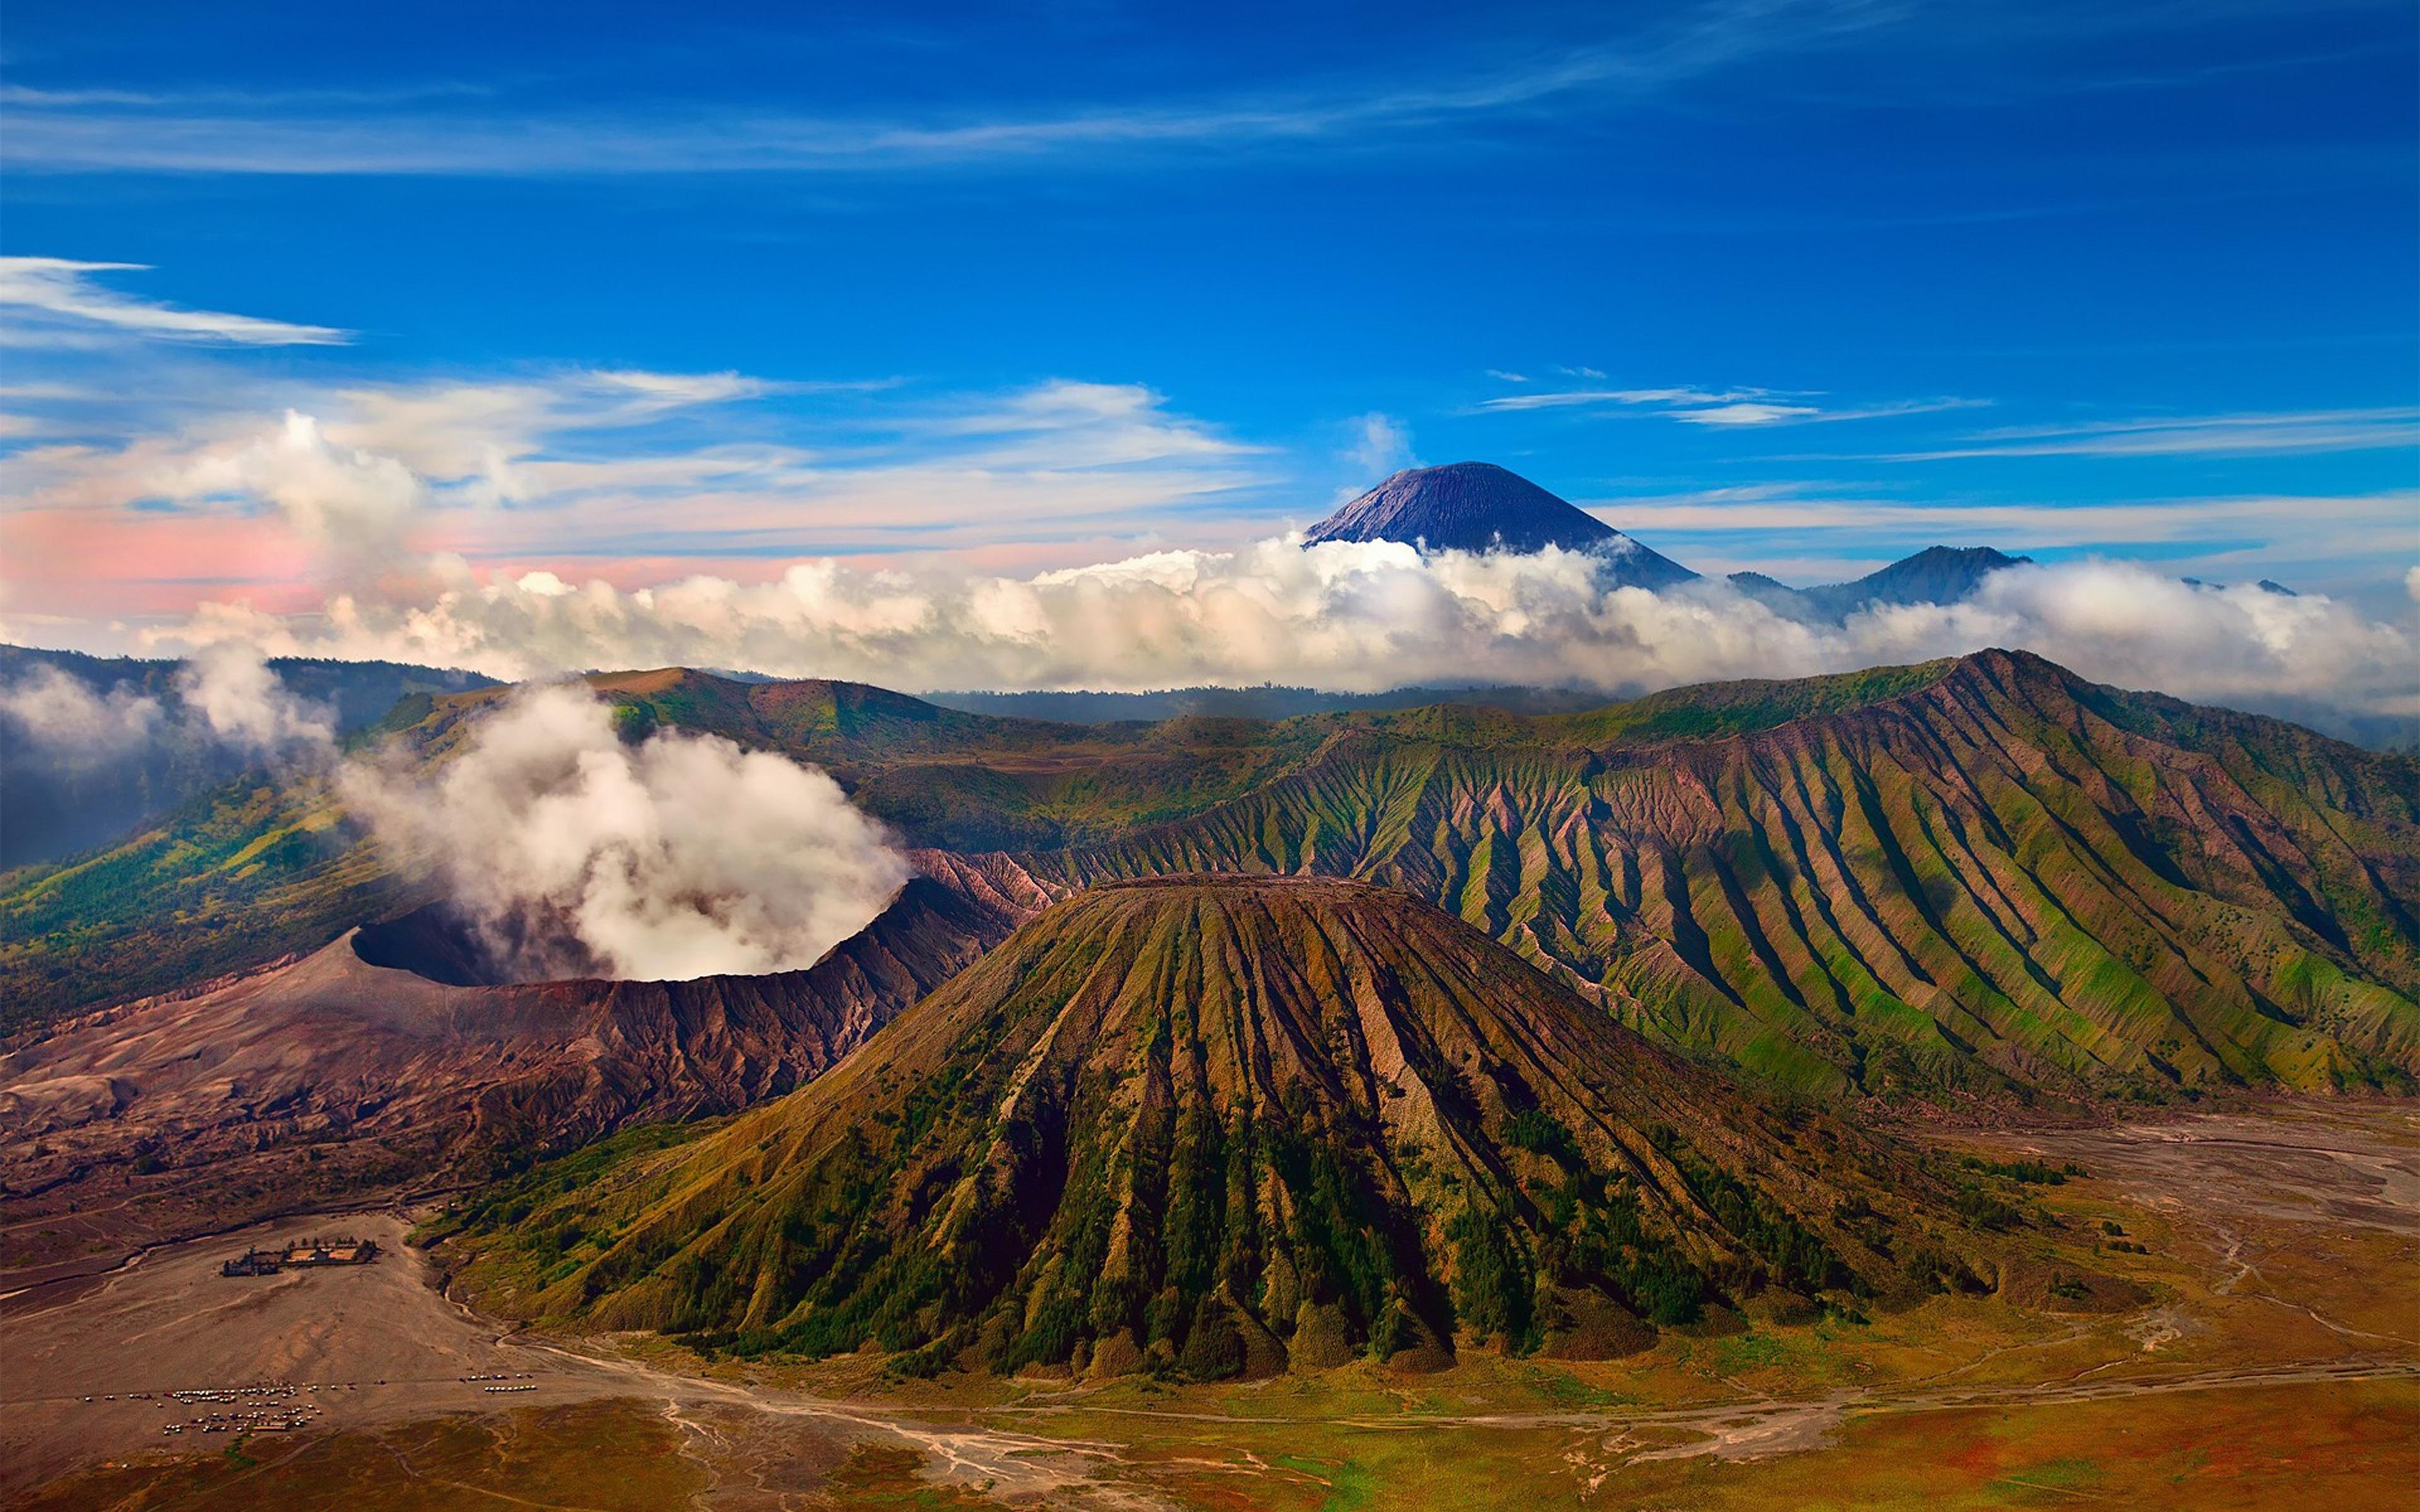 Ipad Hd Wallpapers 1080p Mount Bromo Active Volcano Tengger Massif In East Java